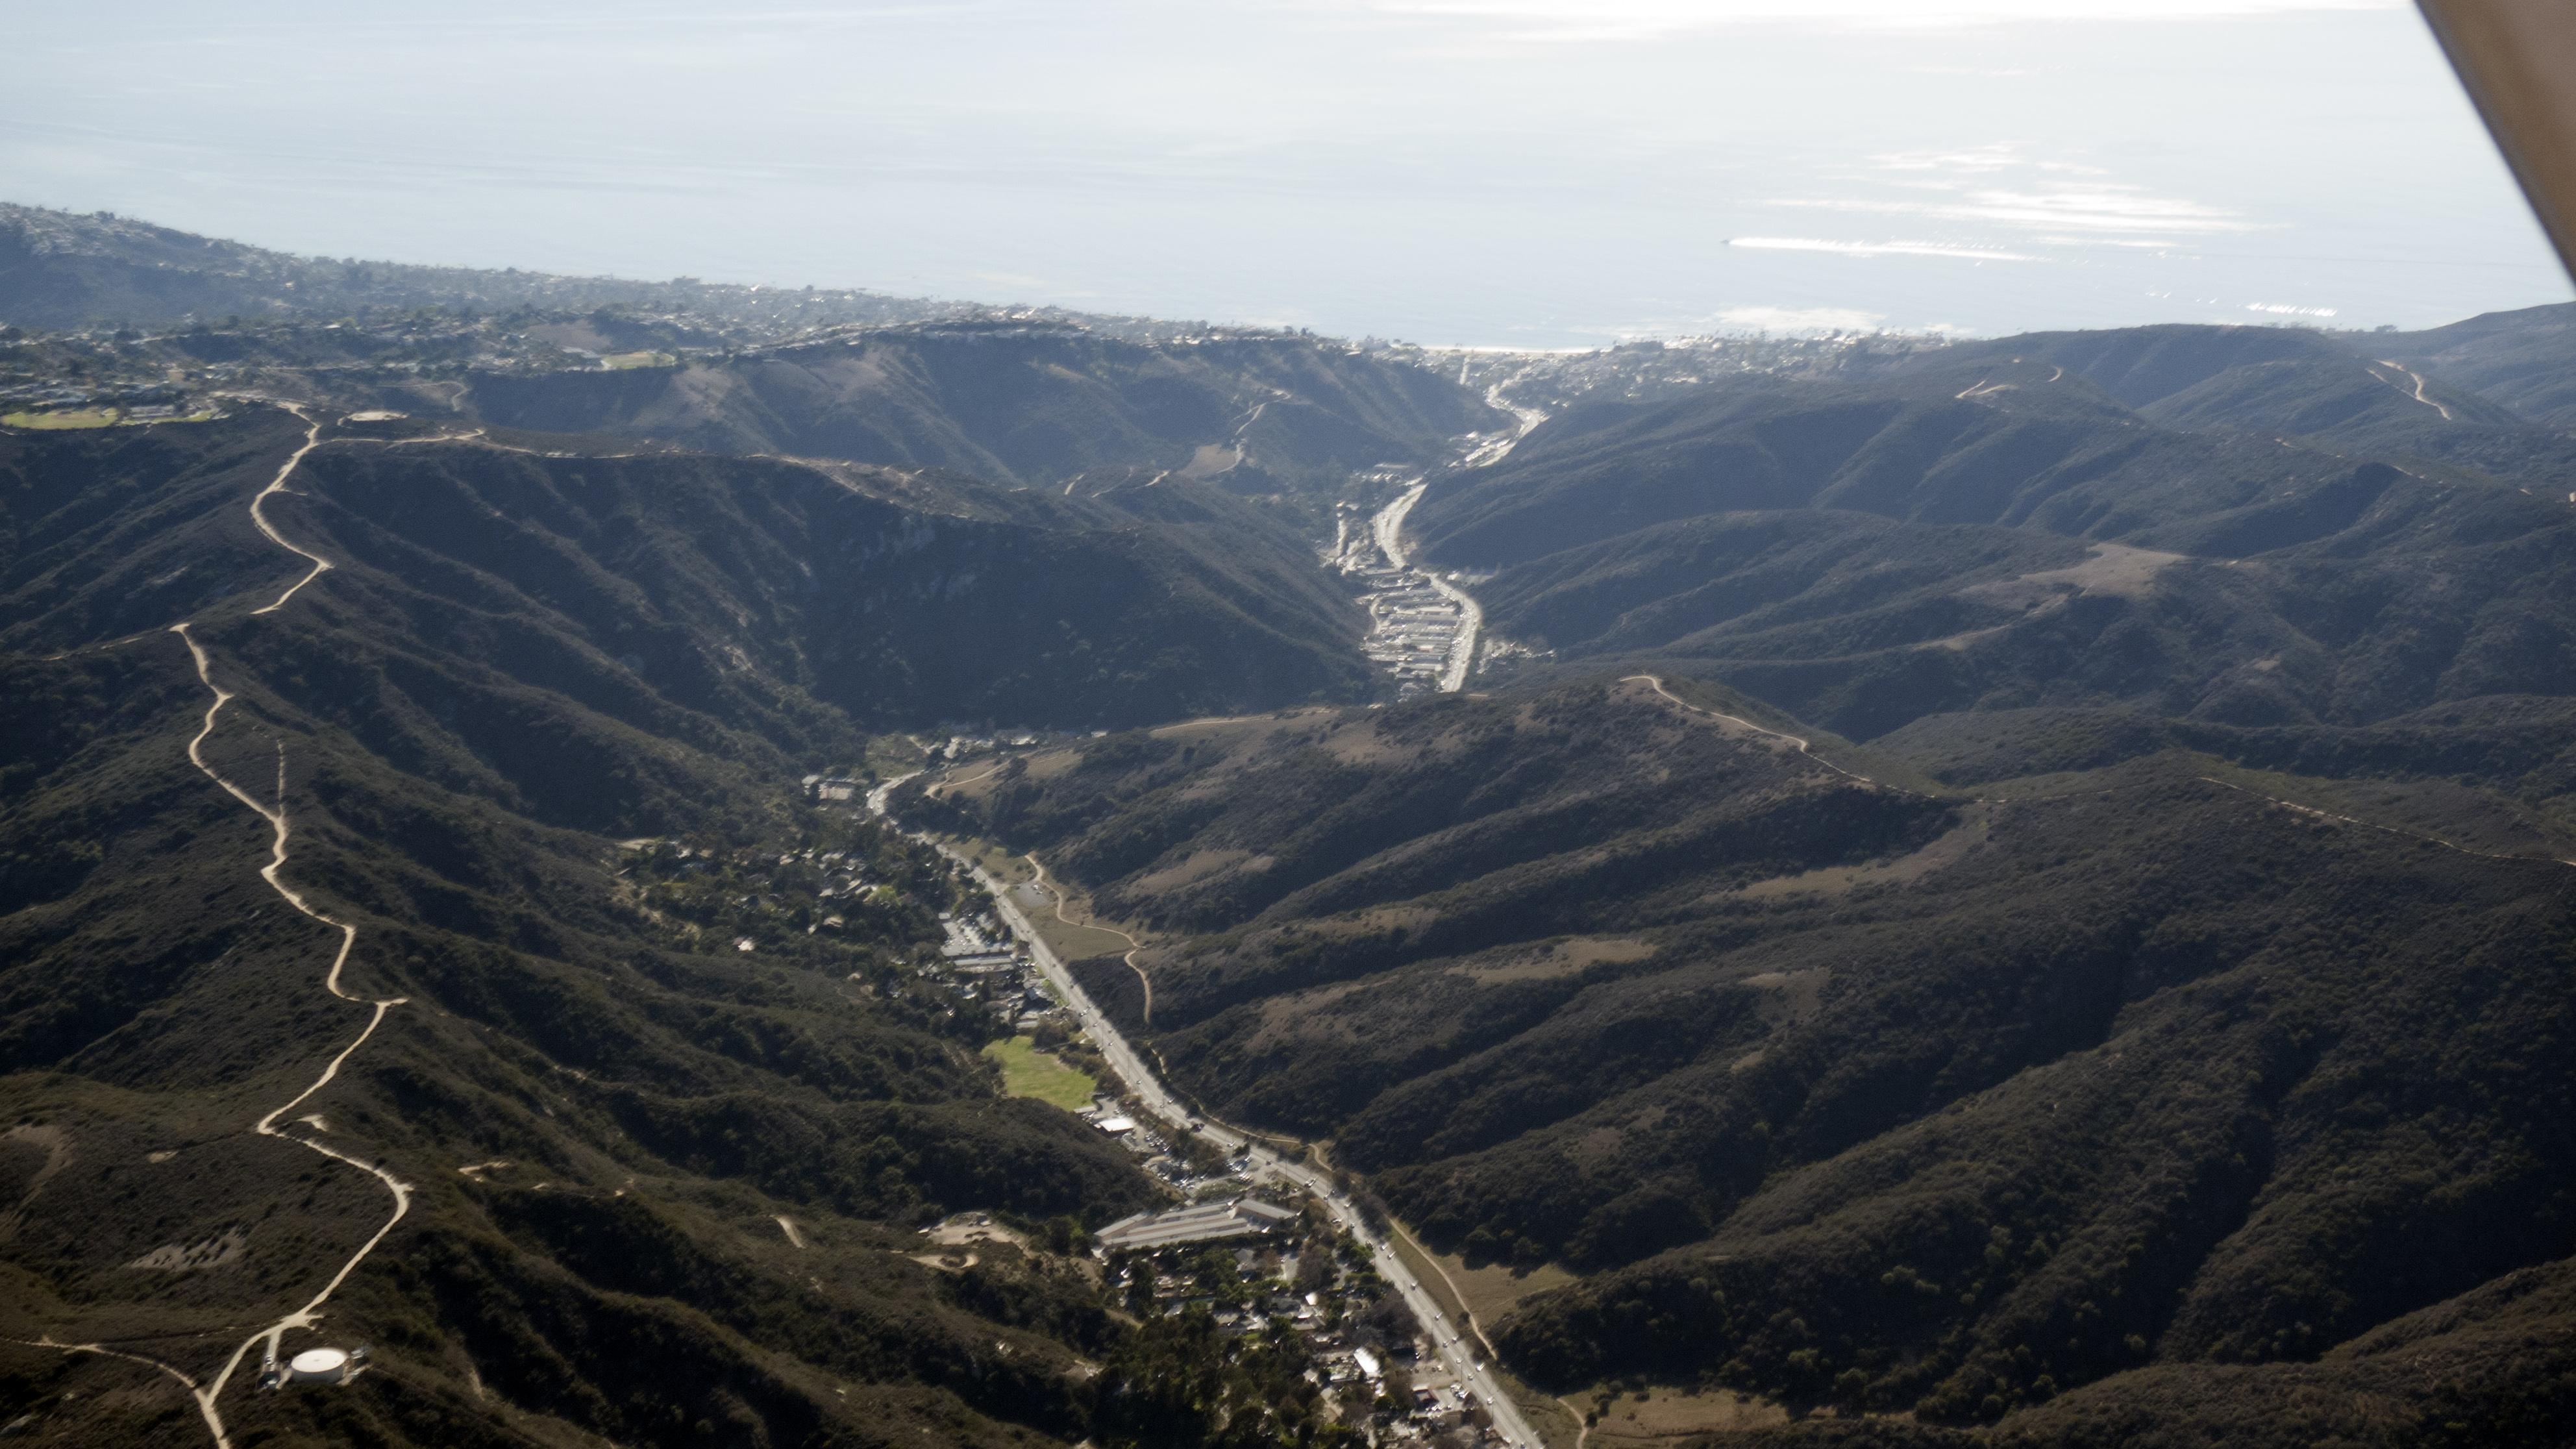 Laguna_canyon_road_photo_D_Ramey_Logan